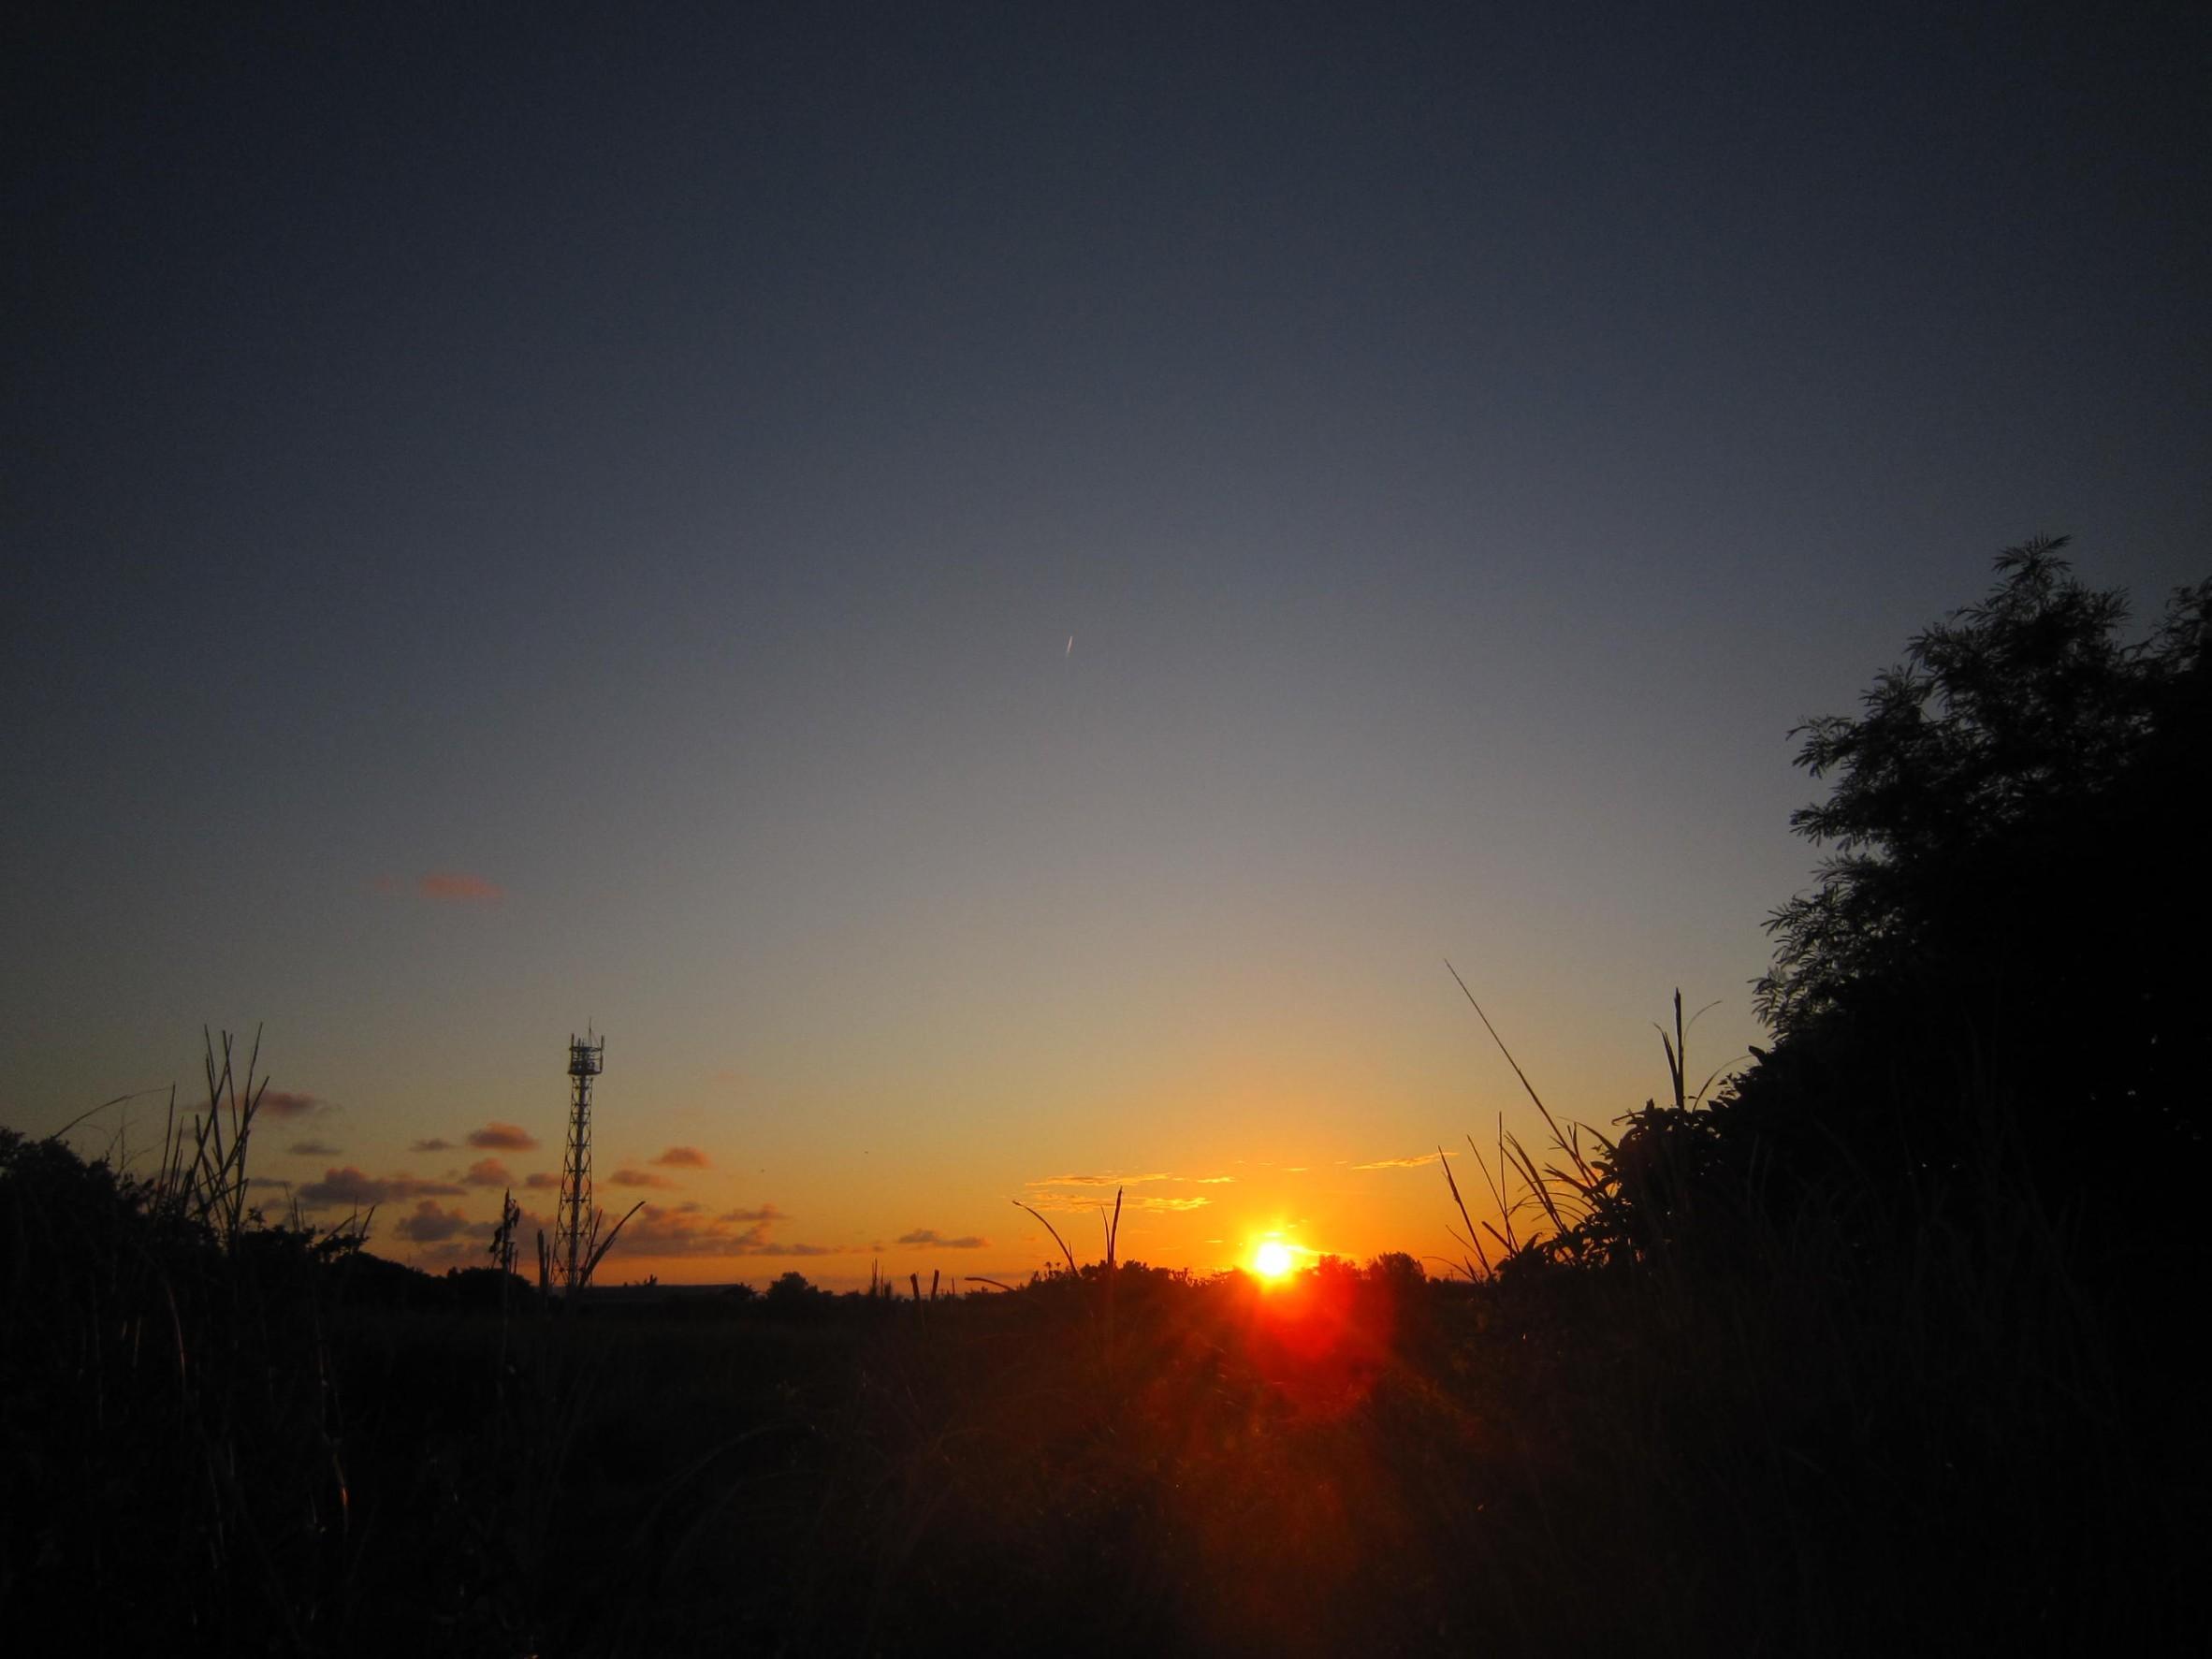 夜明け前そして朝陽。_e0251855_08402728.jpg